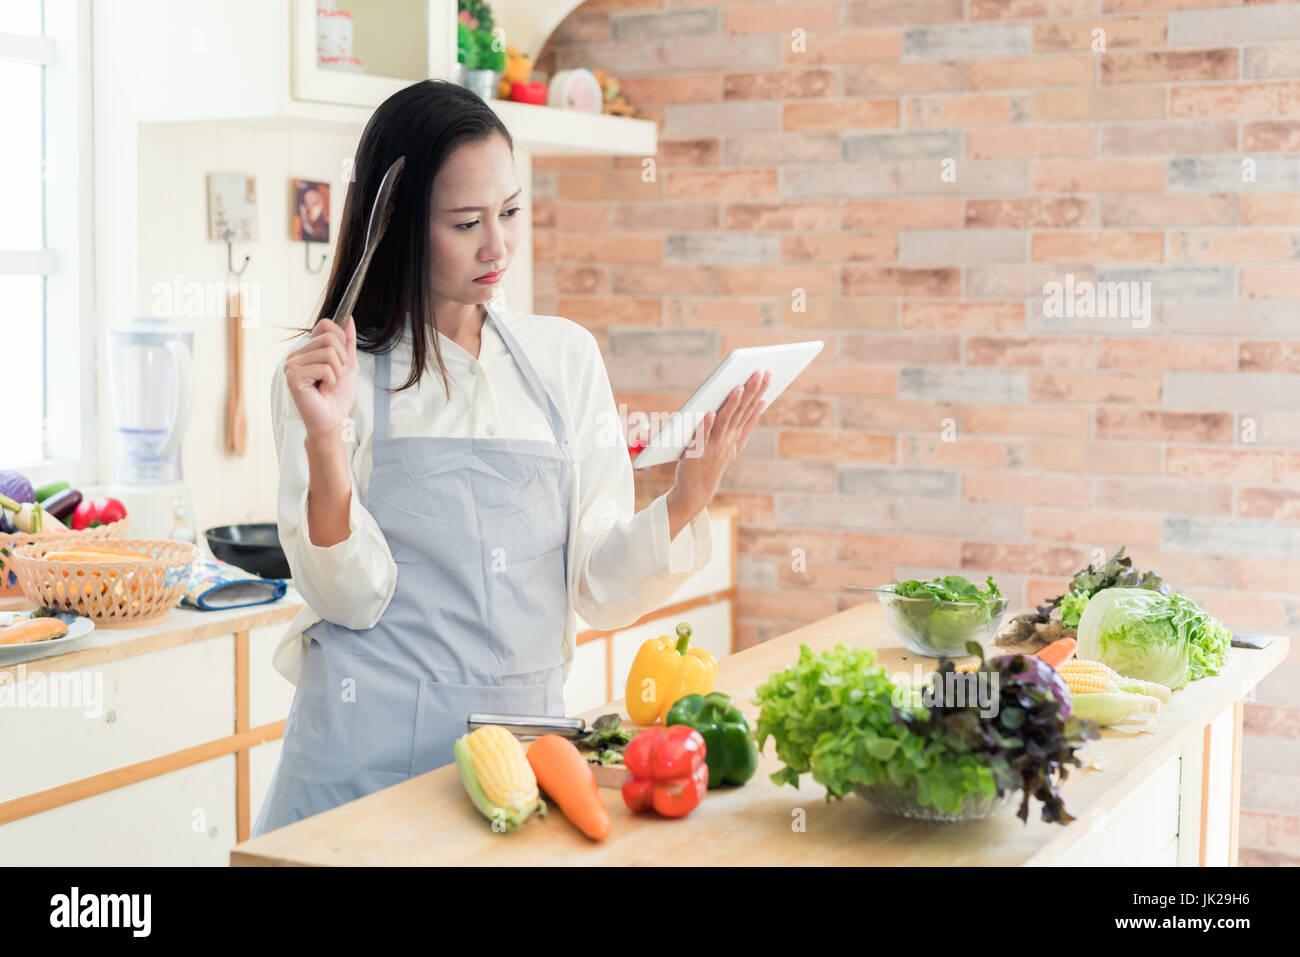 Fröhliche junge Asiatin ist in der Küche mit Freude kochen. Sie steht und digital-Tablette Rezept halten. Stockbild